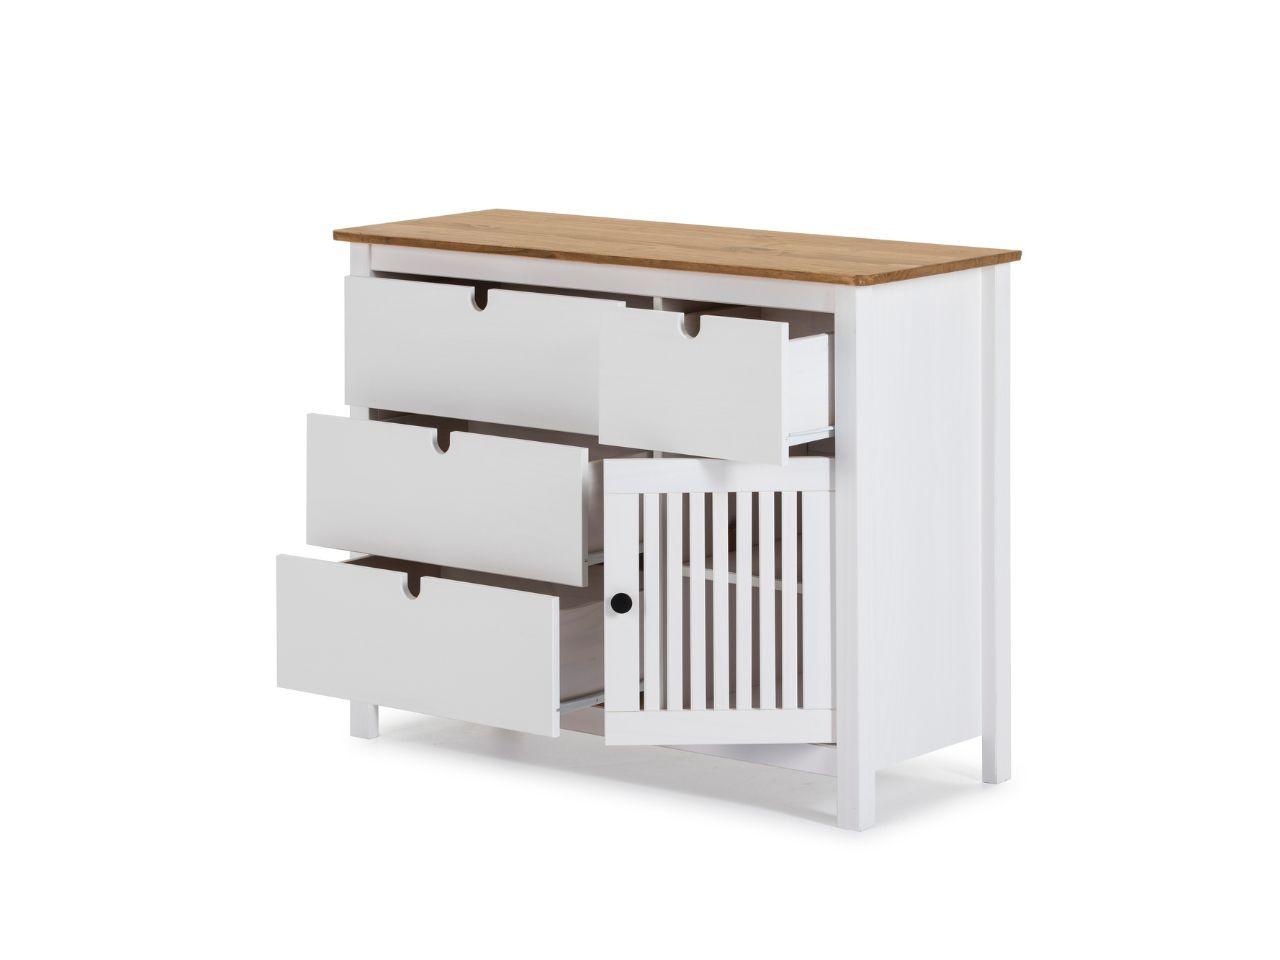 Muebles Lacados En Blanco Baratos - Muebles De Salon Y Muebles De Comedor Dicoro[mjhdah]https://www.dicoro.com/430/muebles-buffet-hermes.jpg